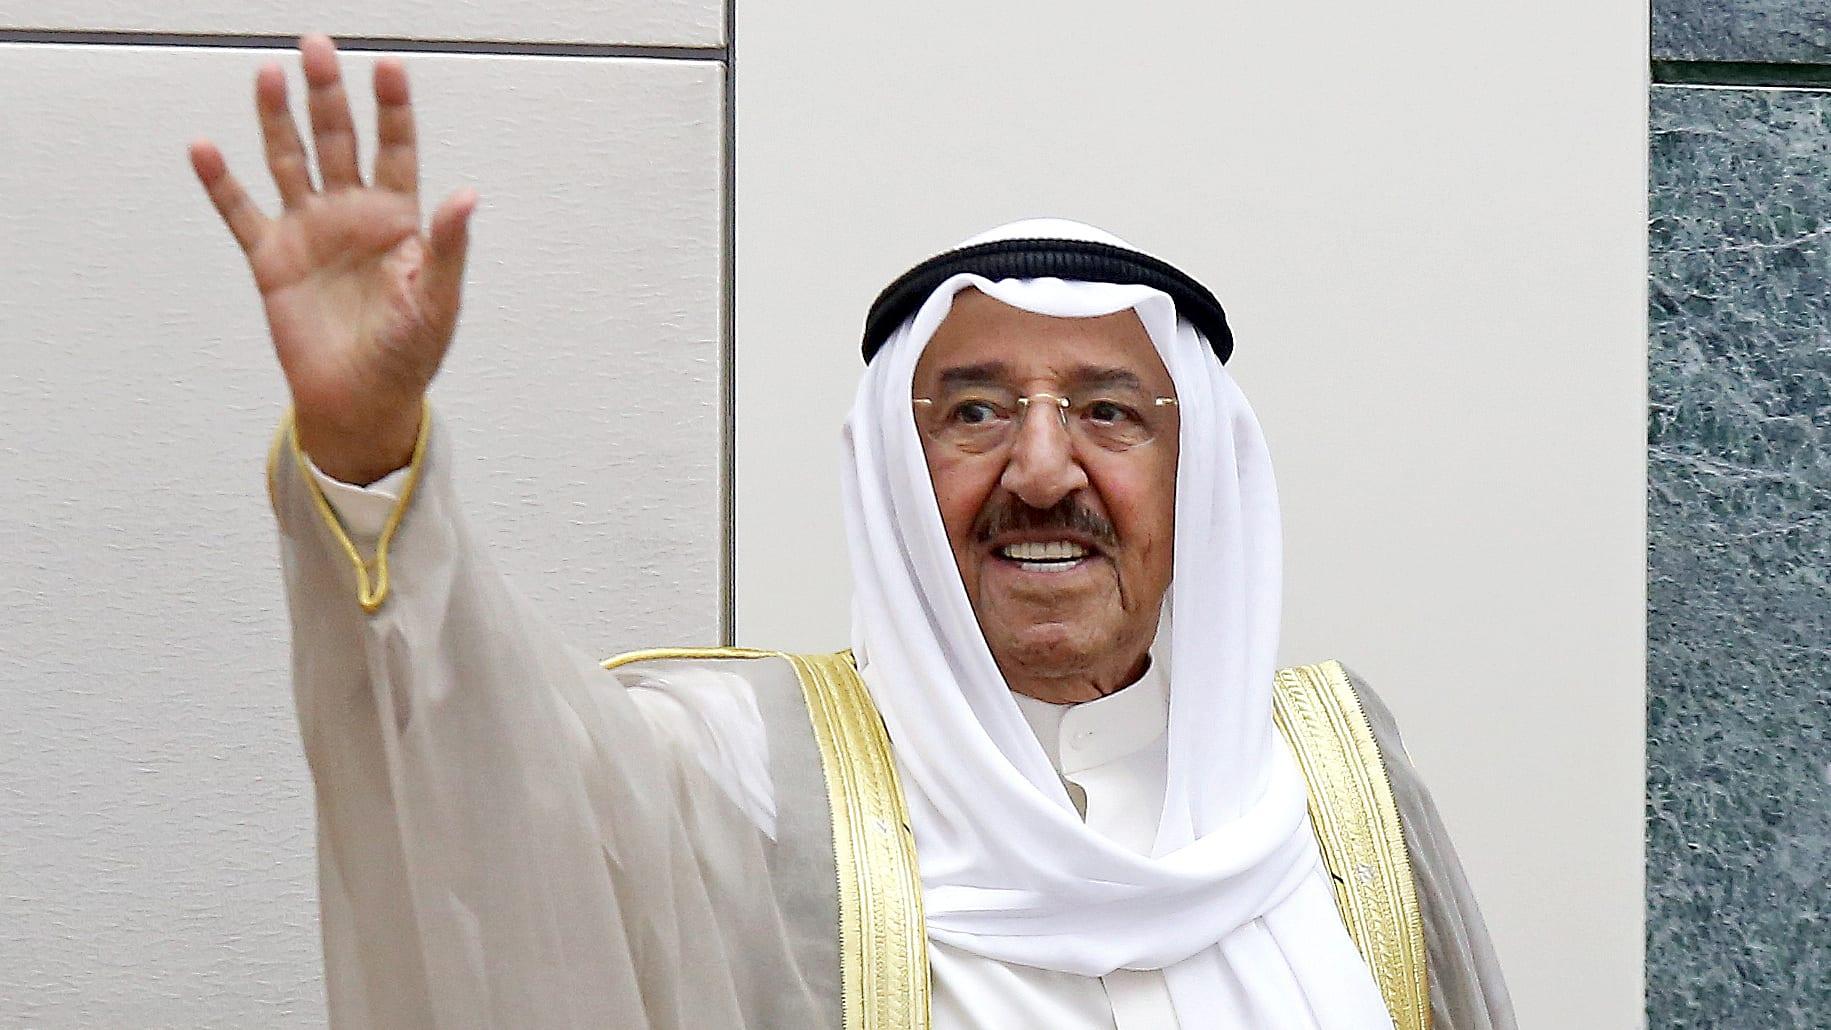 امتدت مسيرته السياسية لعقود.. أبرز ما حققه الشيخ صباح الأحمد الجابر الصباح